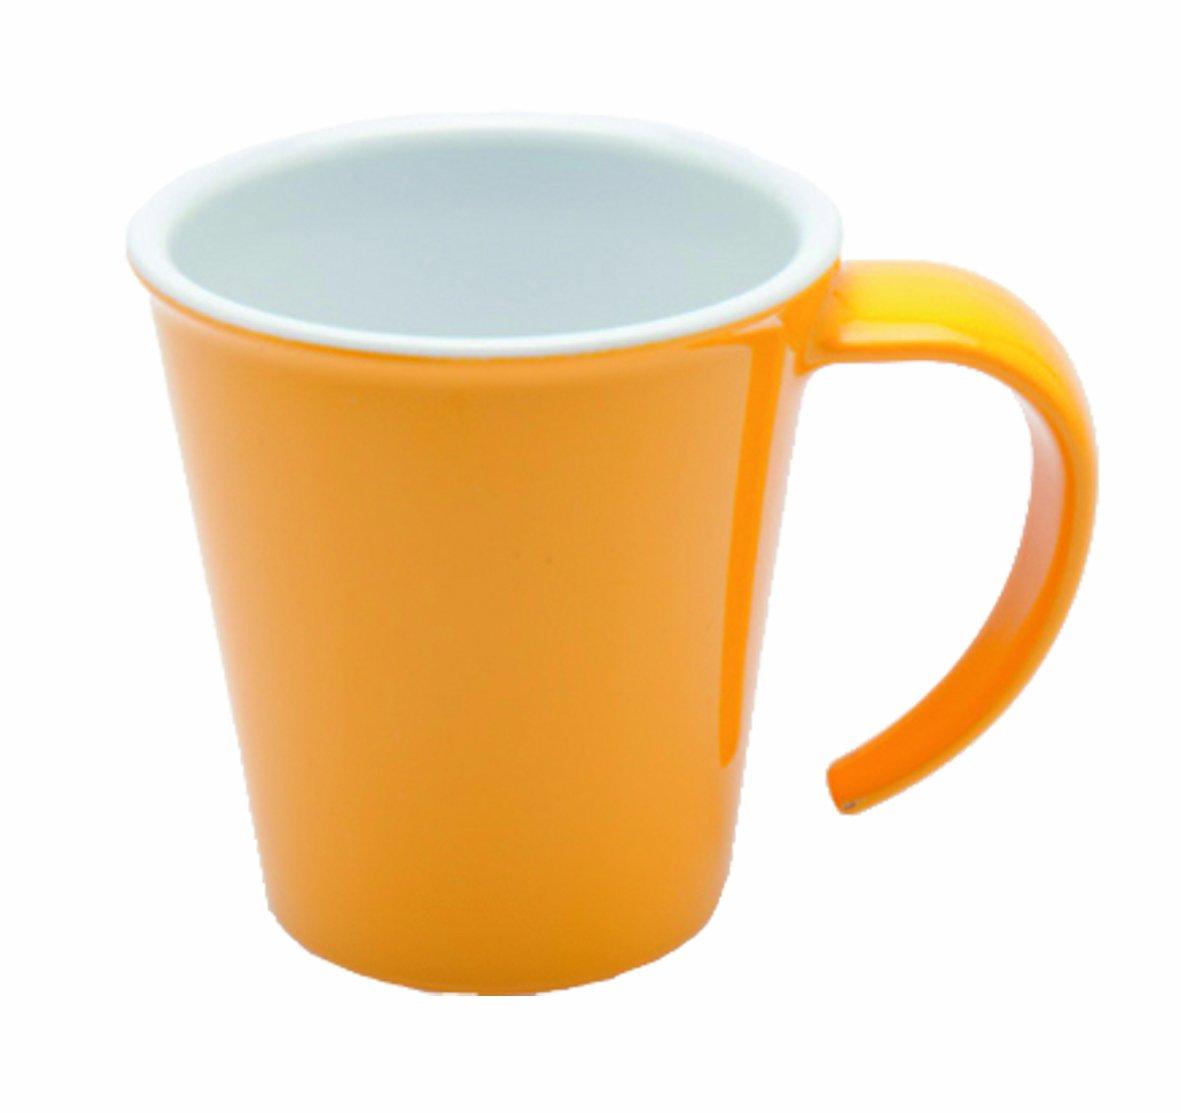 Ornamin Kaffeepott (außen gelb / innen